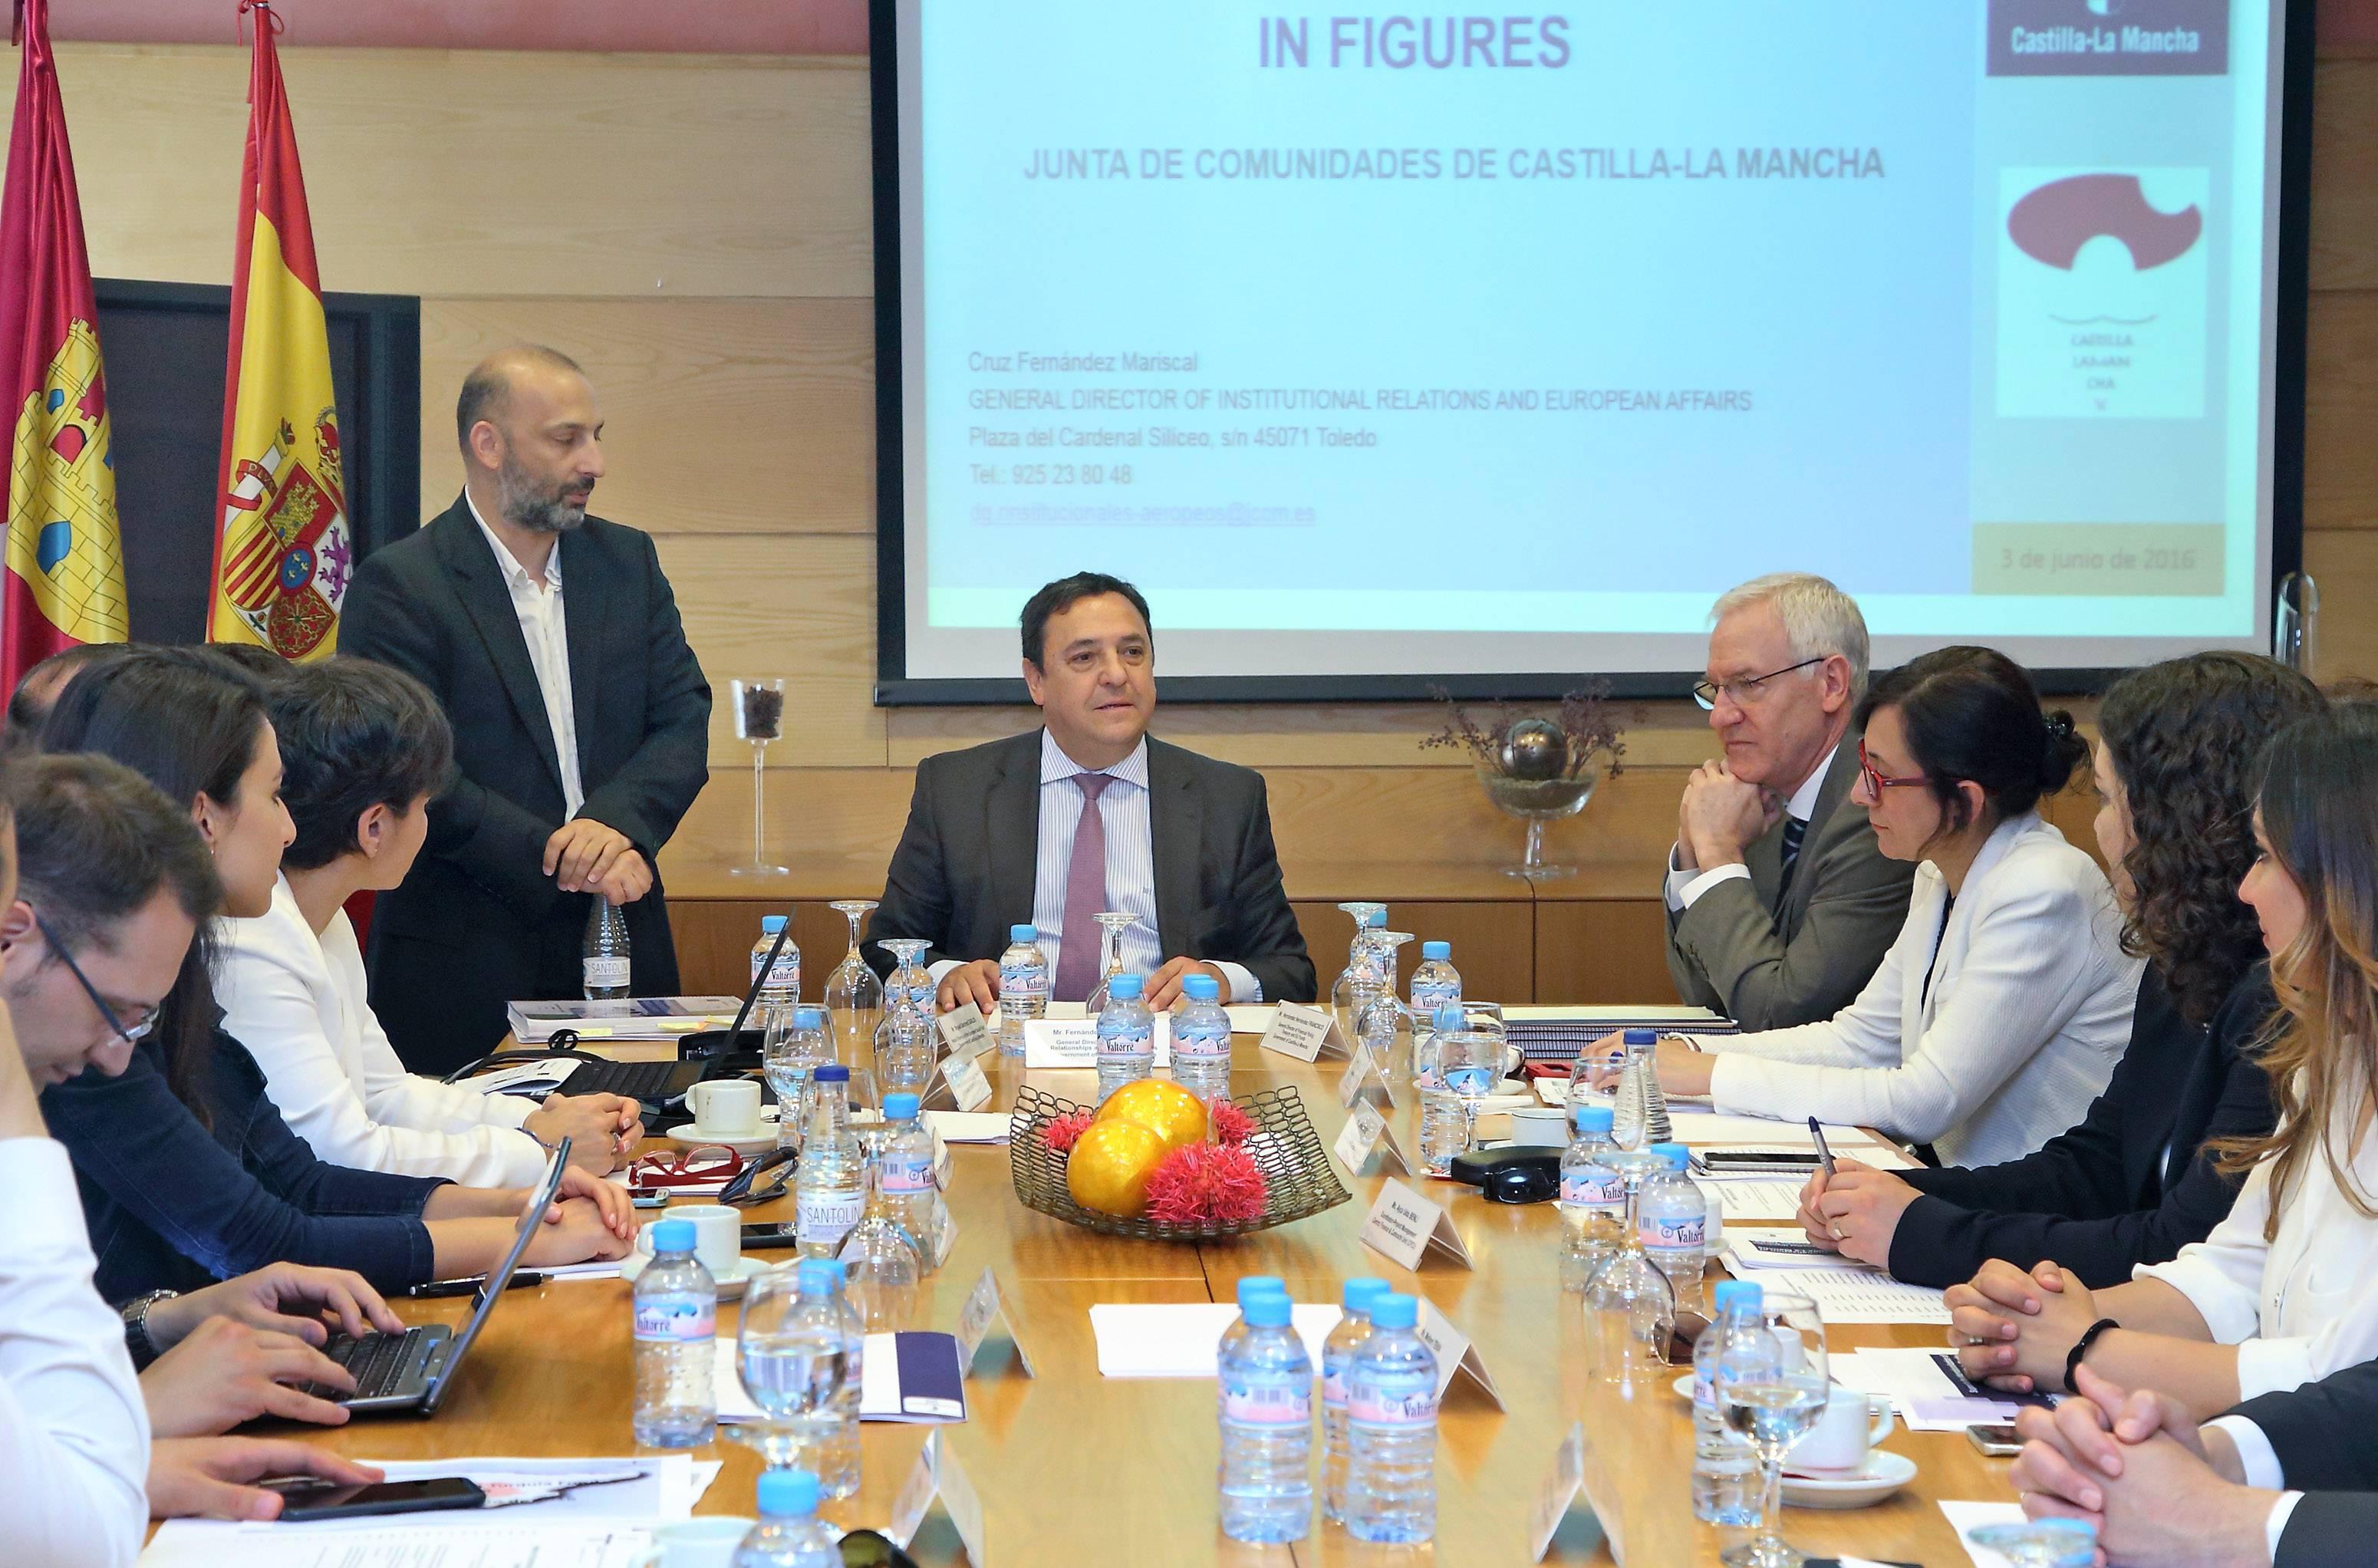 Reunión sobre fondos europeos en castilla-la mancha